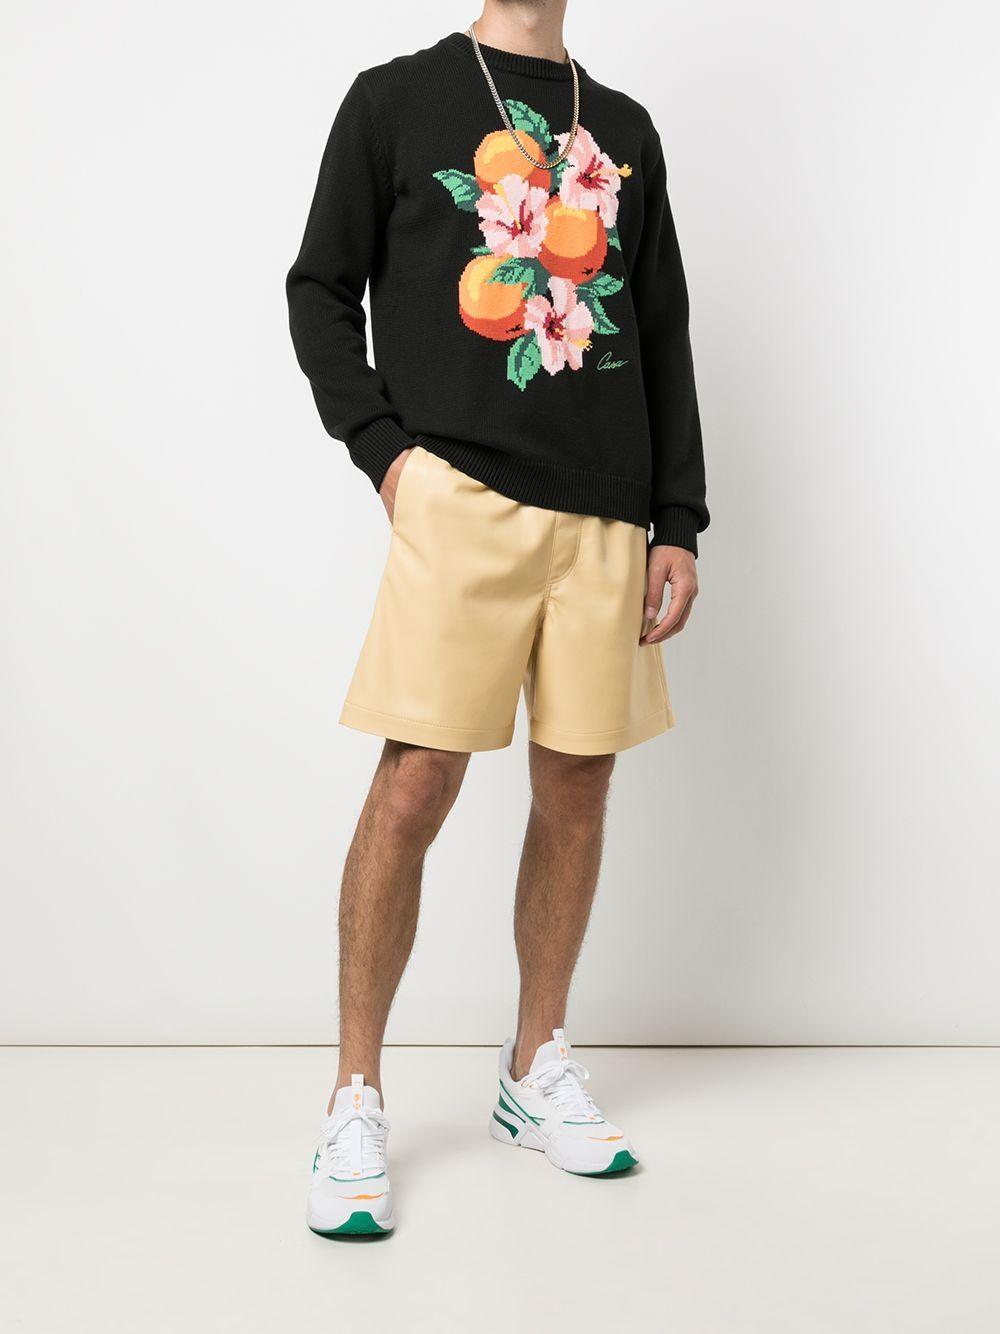 Casablanca maglione con stampa uomo nero CASABLANCA | Maglieria | MF21-KW-064BLACK